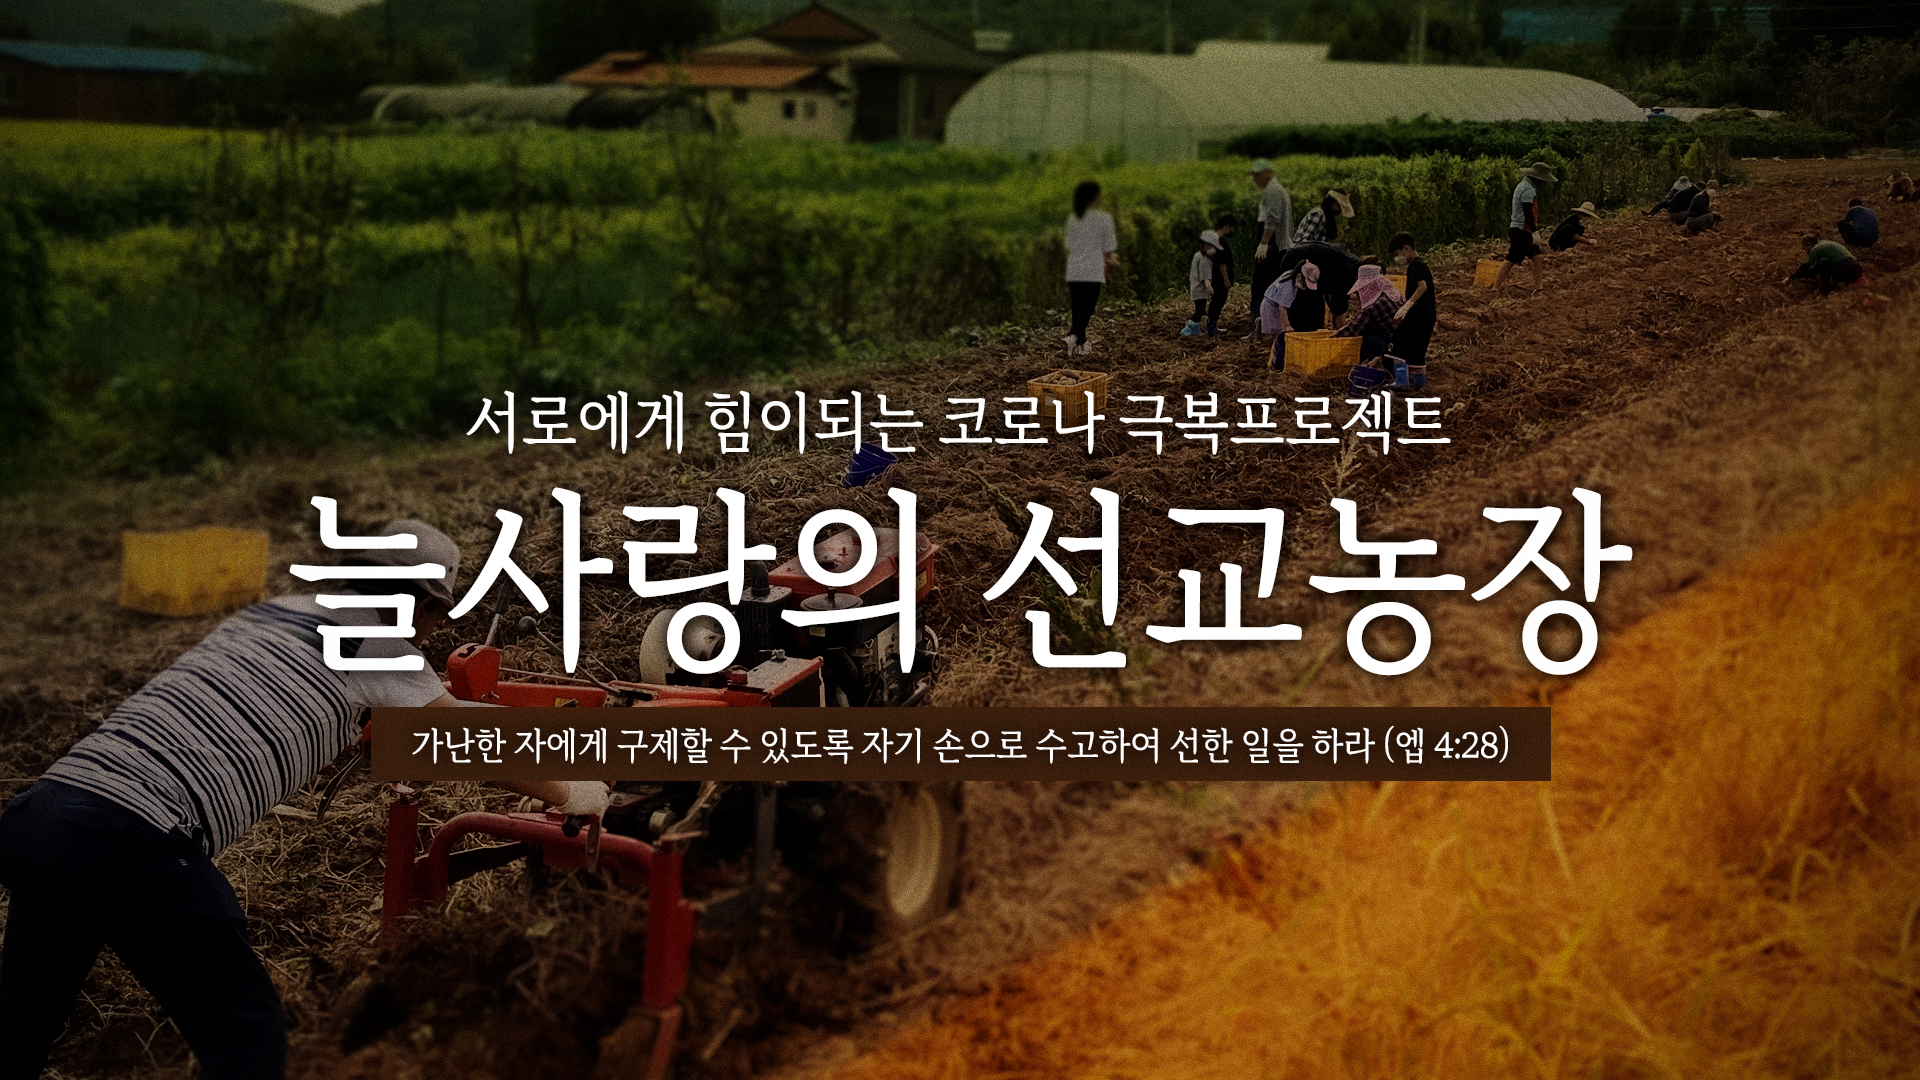 2021-10-03-고구마수확-title.jpg